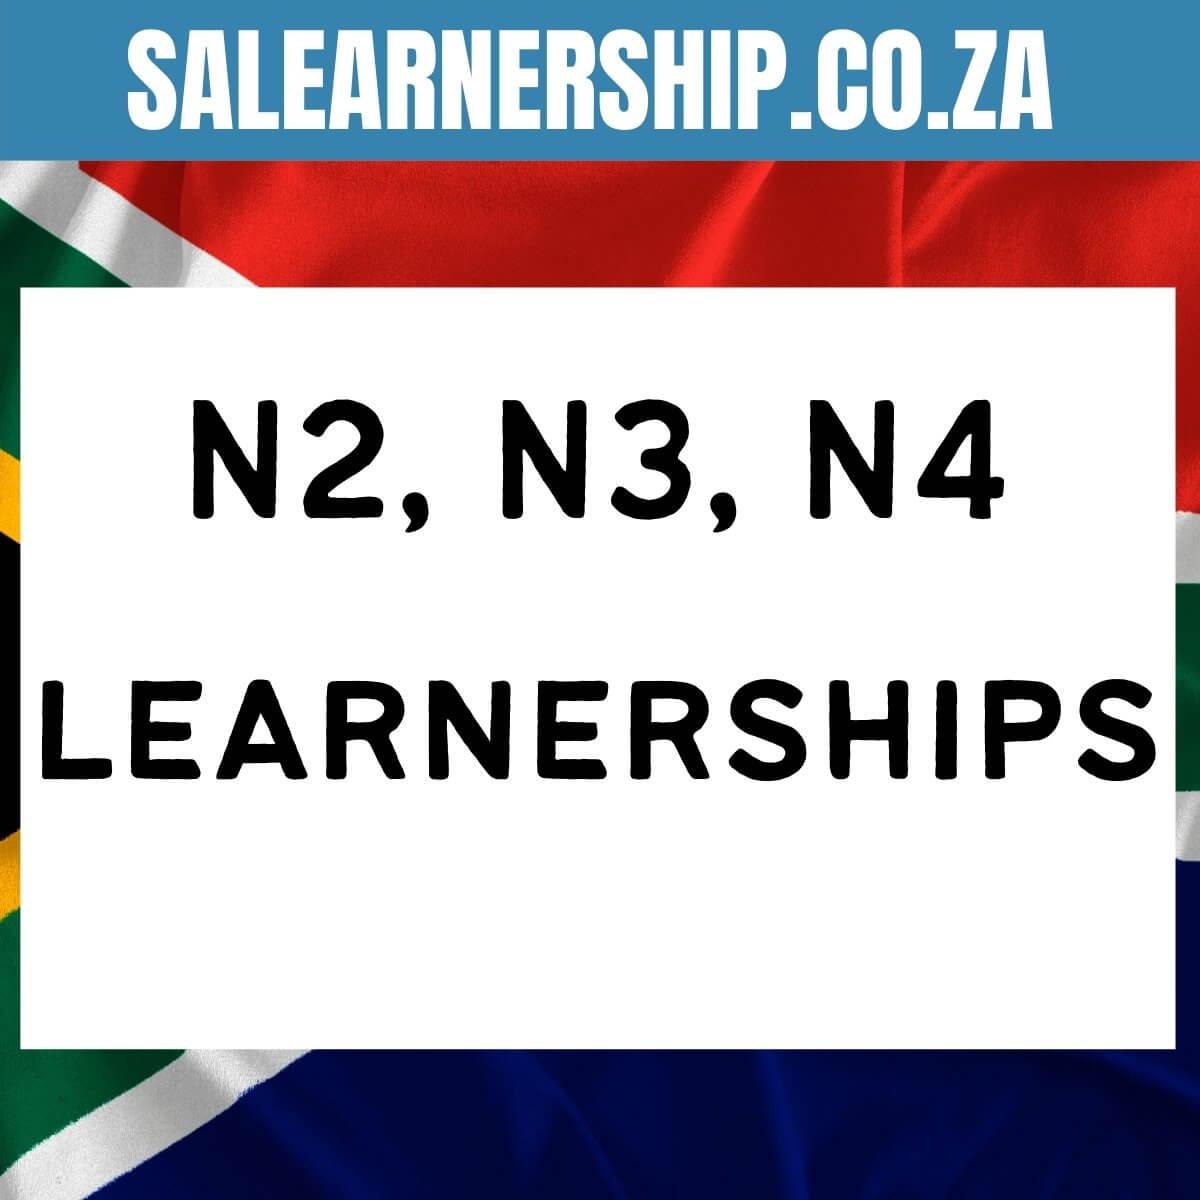 N2, N3, N4 learnerships